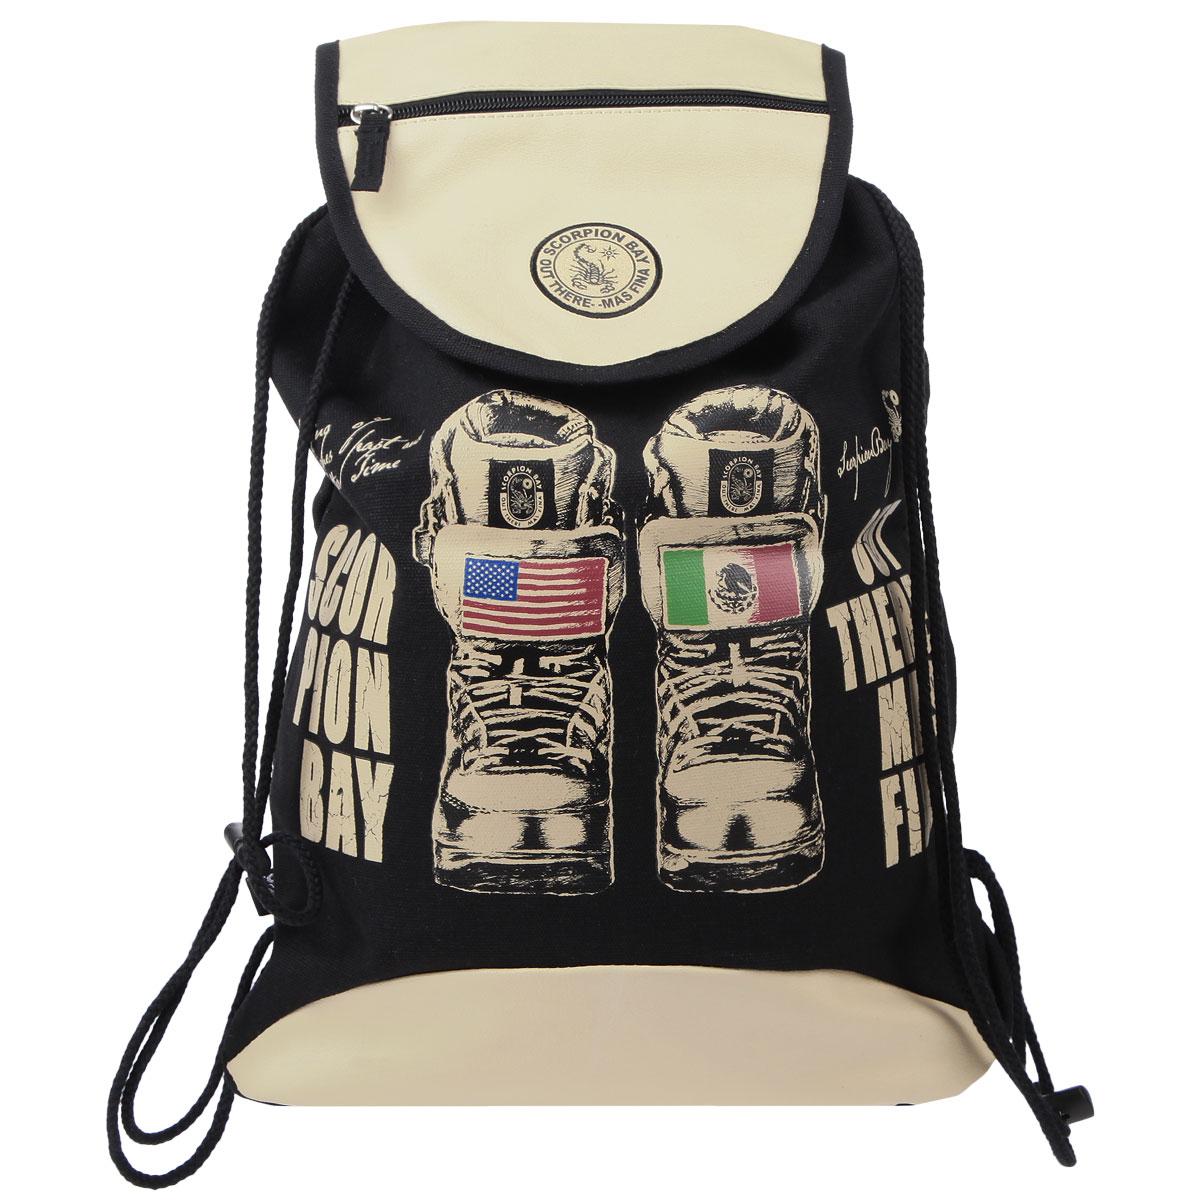 Сумка-рюкзак для обуви Scorpion Bay, цвет: бежевый, черныйSBAB-RT1-895Сумка для сменной обуви Scorpion Bay идеально подойдет как для хранения, так и для переноски сменной обуви и одежды.Сумка, оформленная ярким принтом,выполнена из прочного износостойкого материала и содержит одно вместительное отделение, закрывающееся клапаном на липучке и затягивающееся с помощью текстильных шнурков. Шнурки фиксируются в нижней части сумки, благодаря чему ее можно носить за спиной как рюкзак. На клапанеимеется дополнительный карман на молнии. Ваш ребенок с радостью будет ходитьв школу с таким аксессуаром.